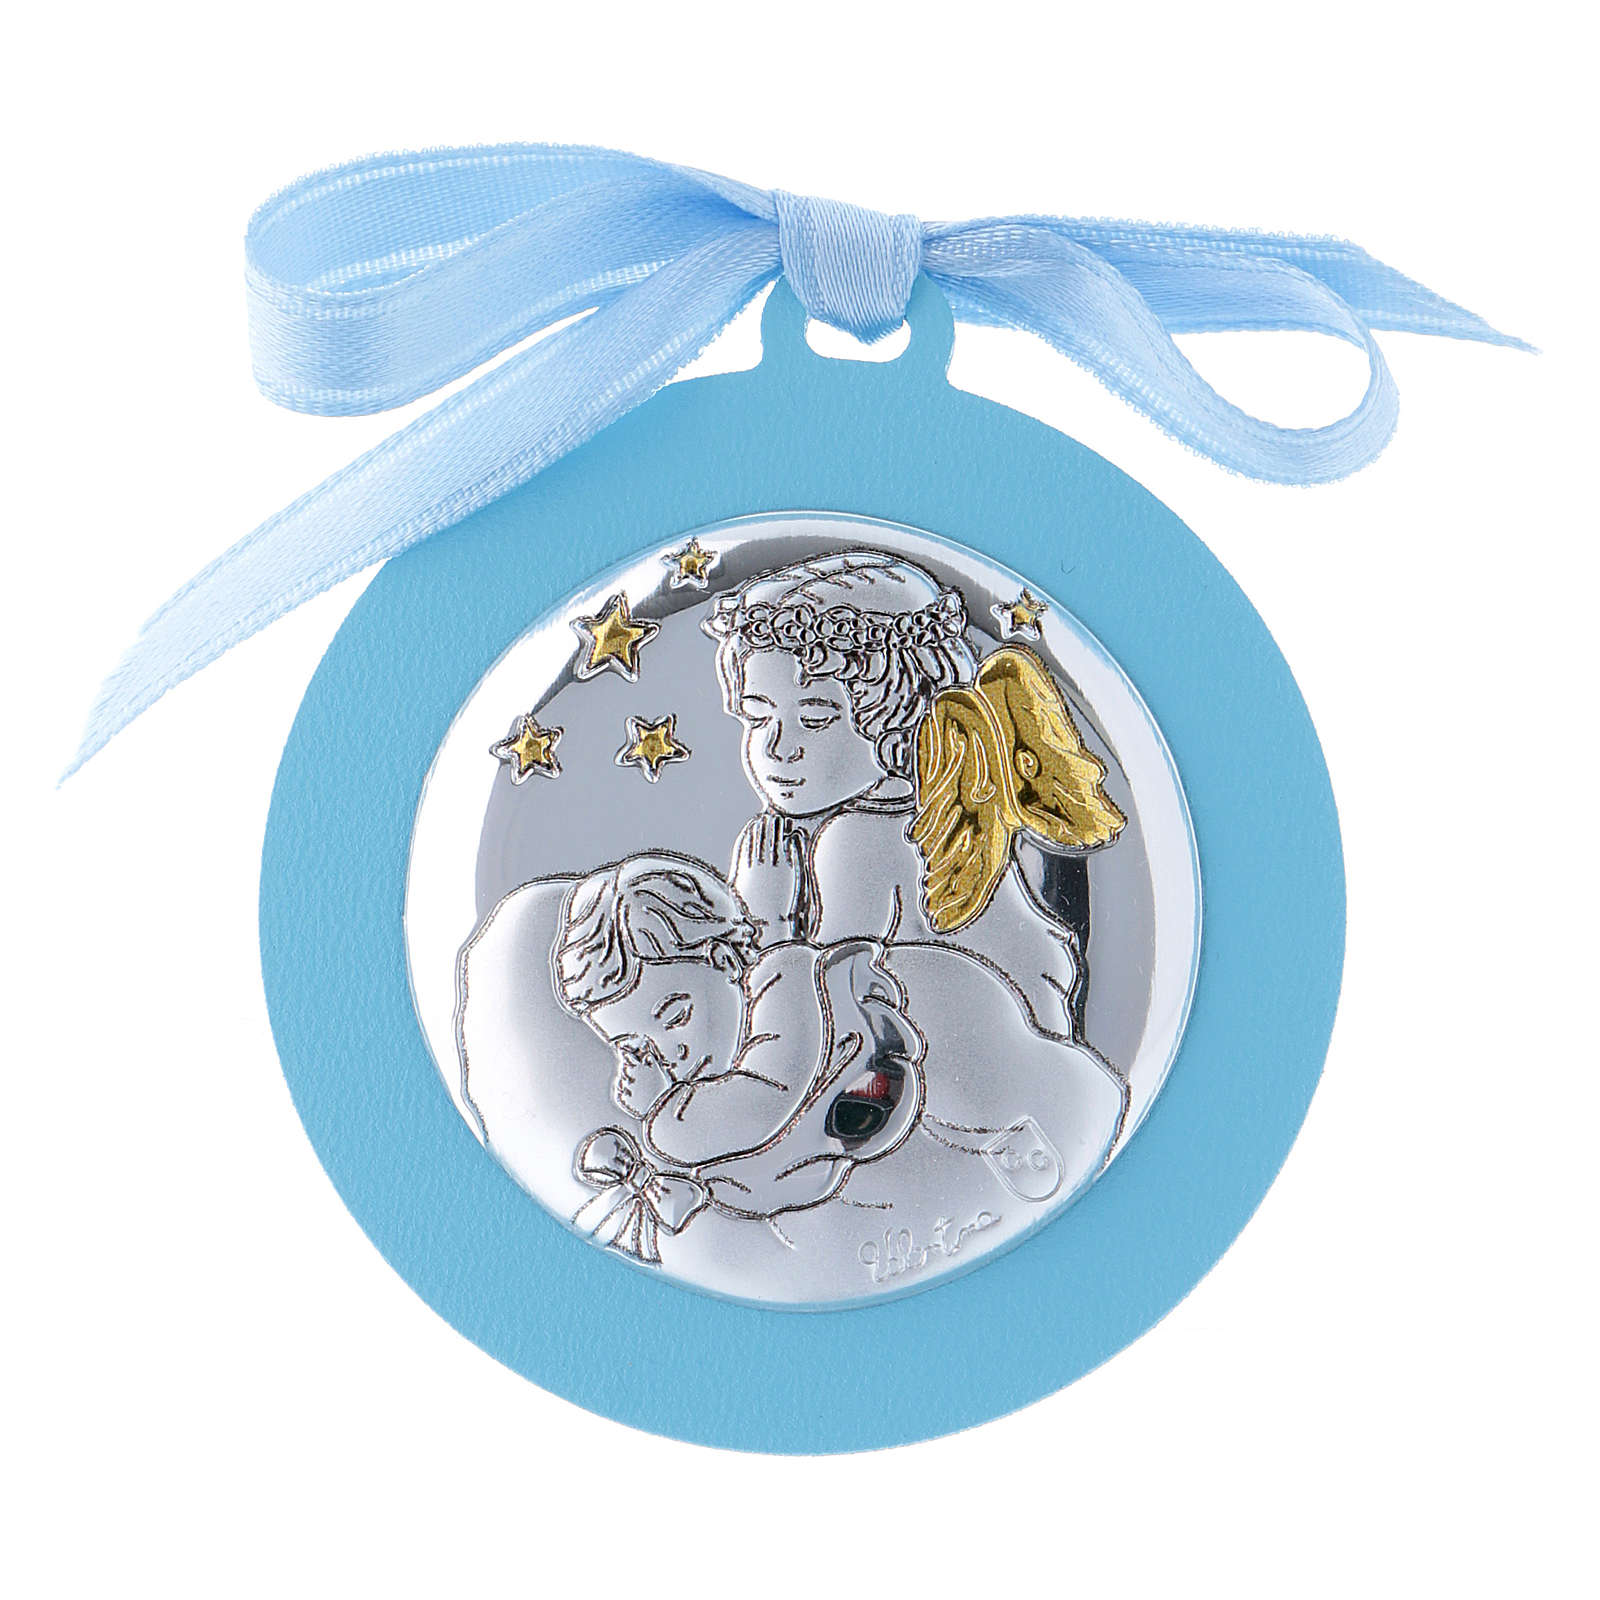 Medalla para cuna Ángeles con estrellas cinta azul bilaminado detalles oro 4 cm 4